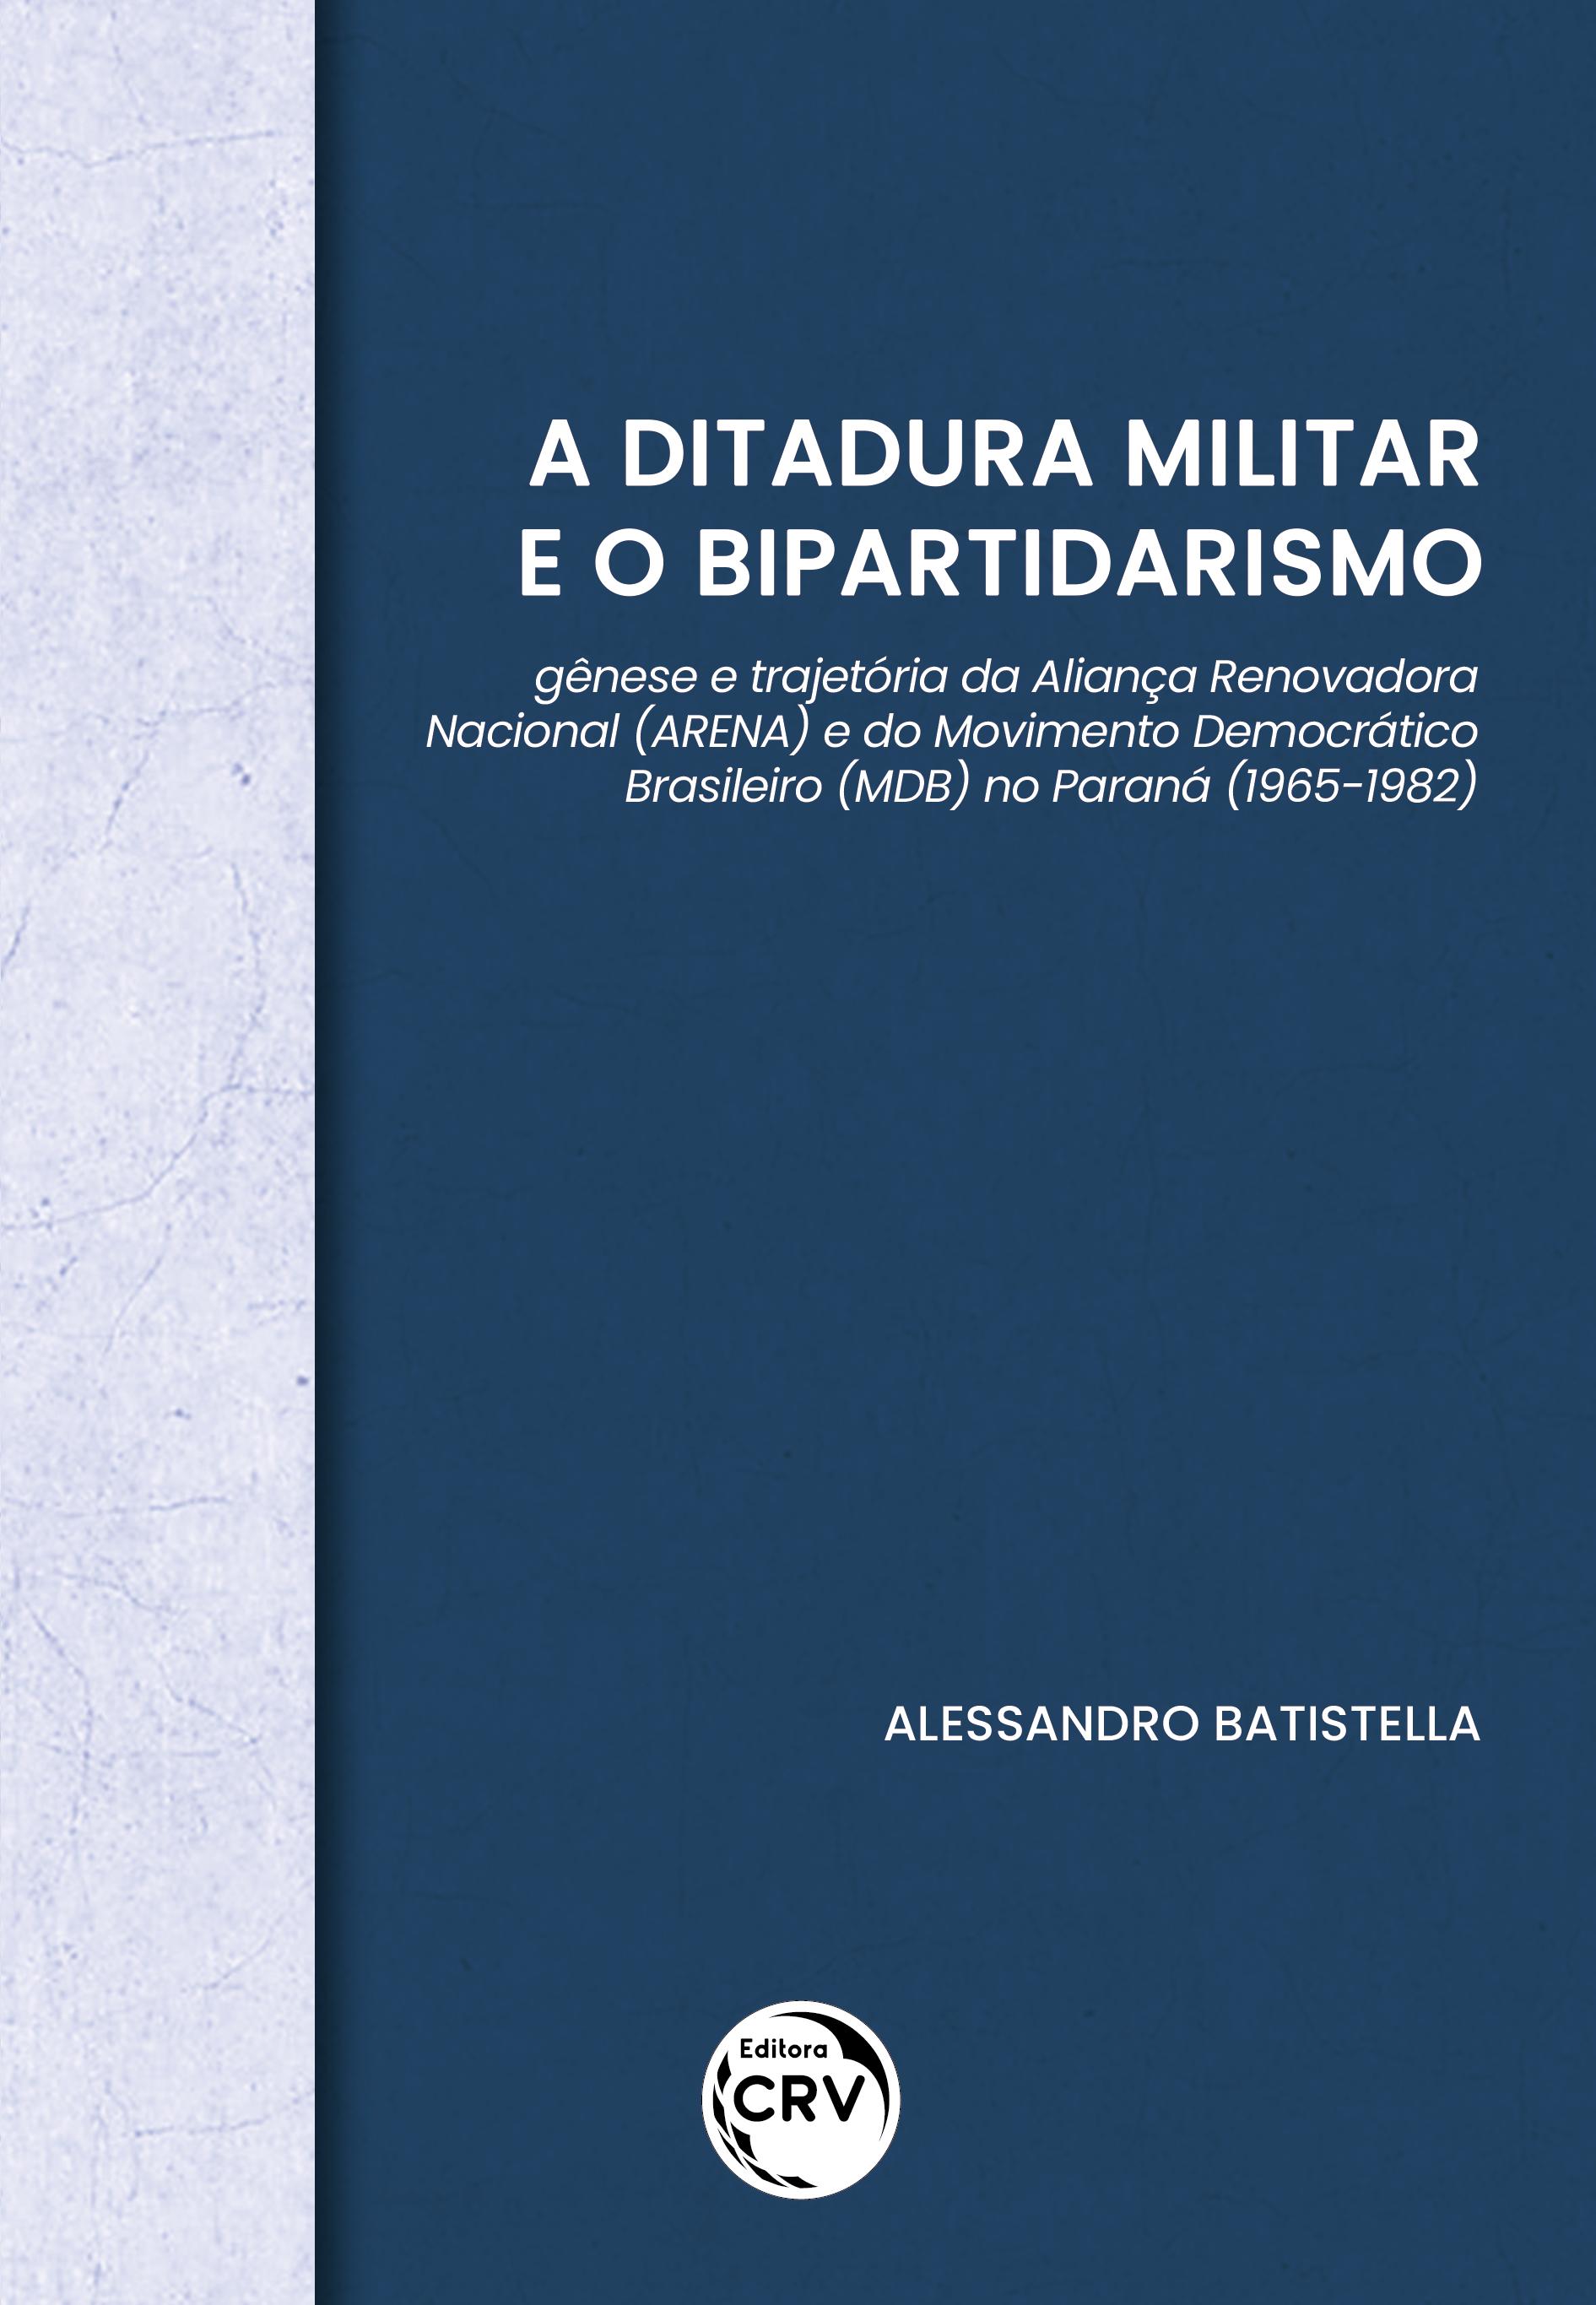 Capa do livro: A DITADURA MILITAR E O BIPARTIDARISMO:<br> gênese e trajetória da Aliança Renovadora Nacional (ARENA) e do Movimento Democrático Brasileiro (MDB) no Paraná (1965-1982)